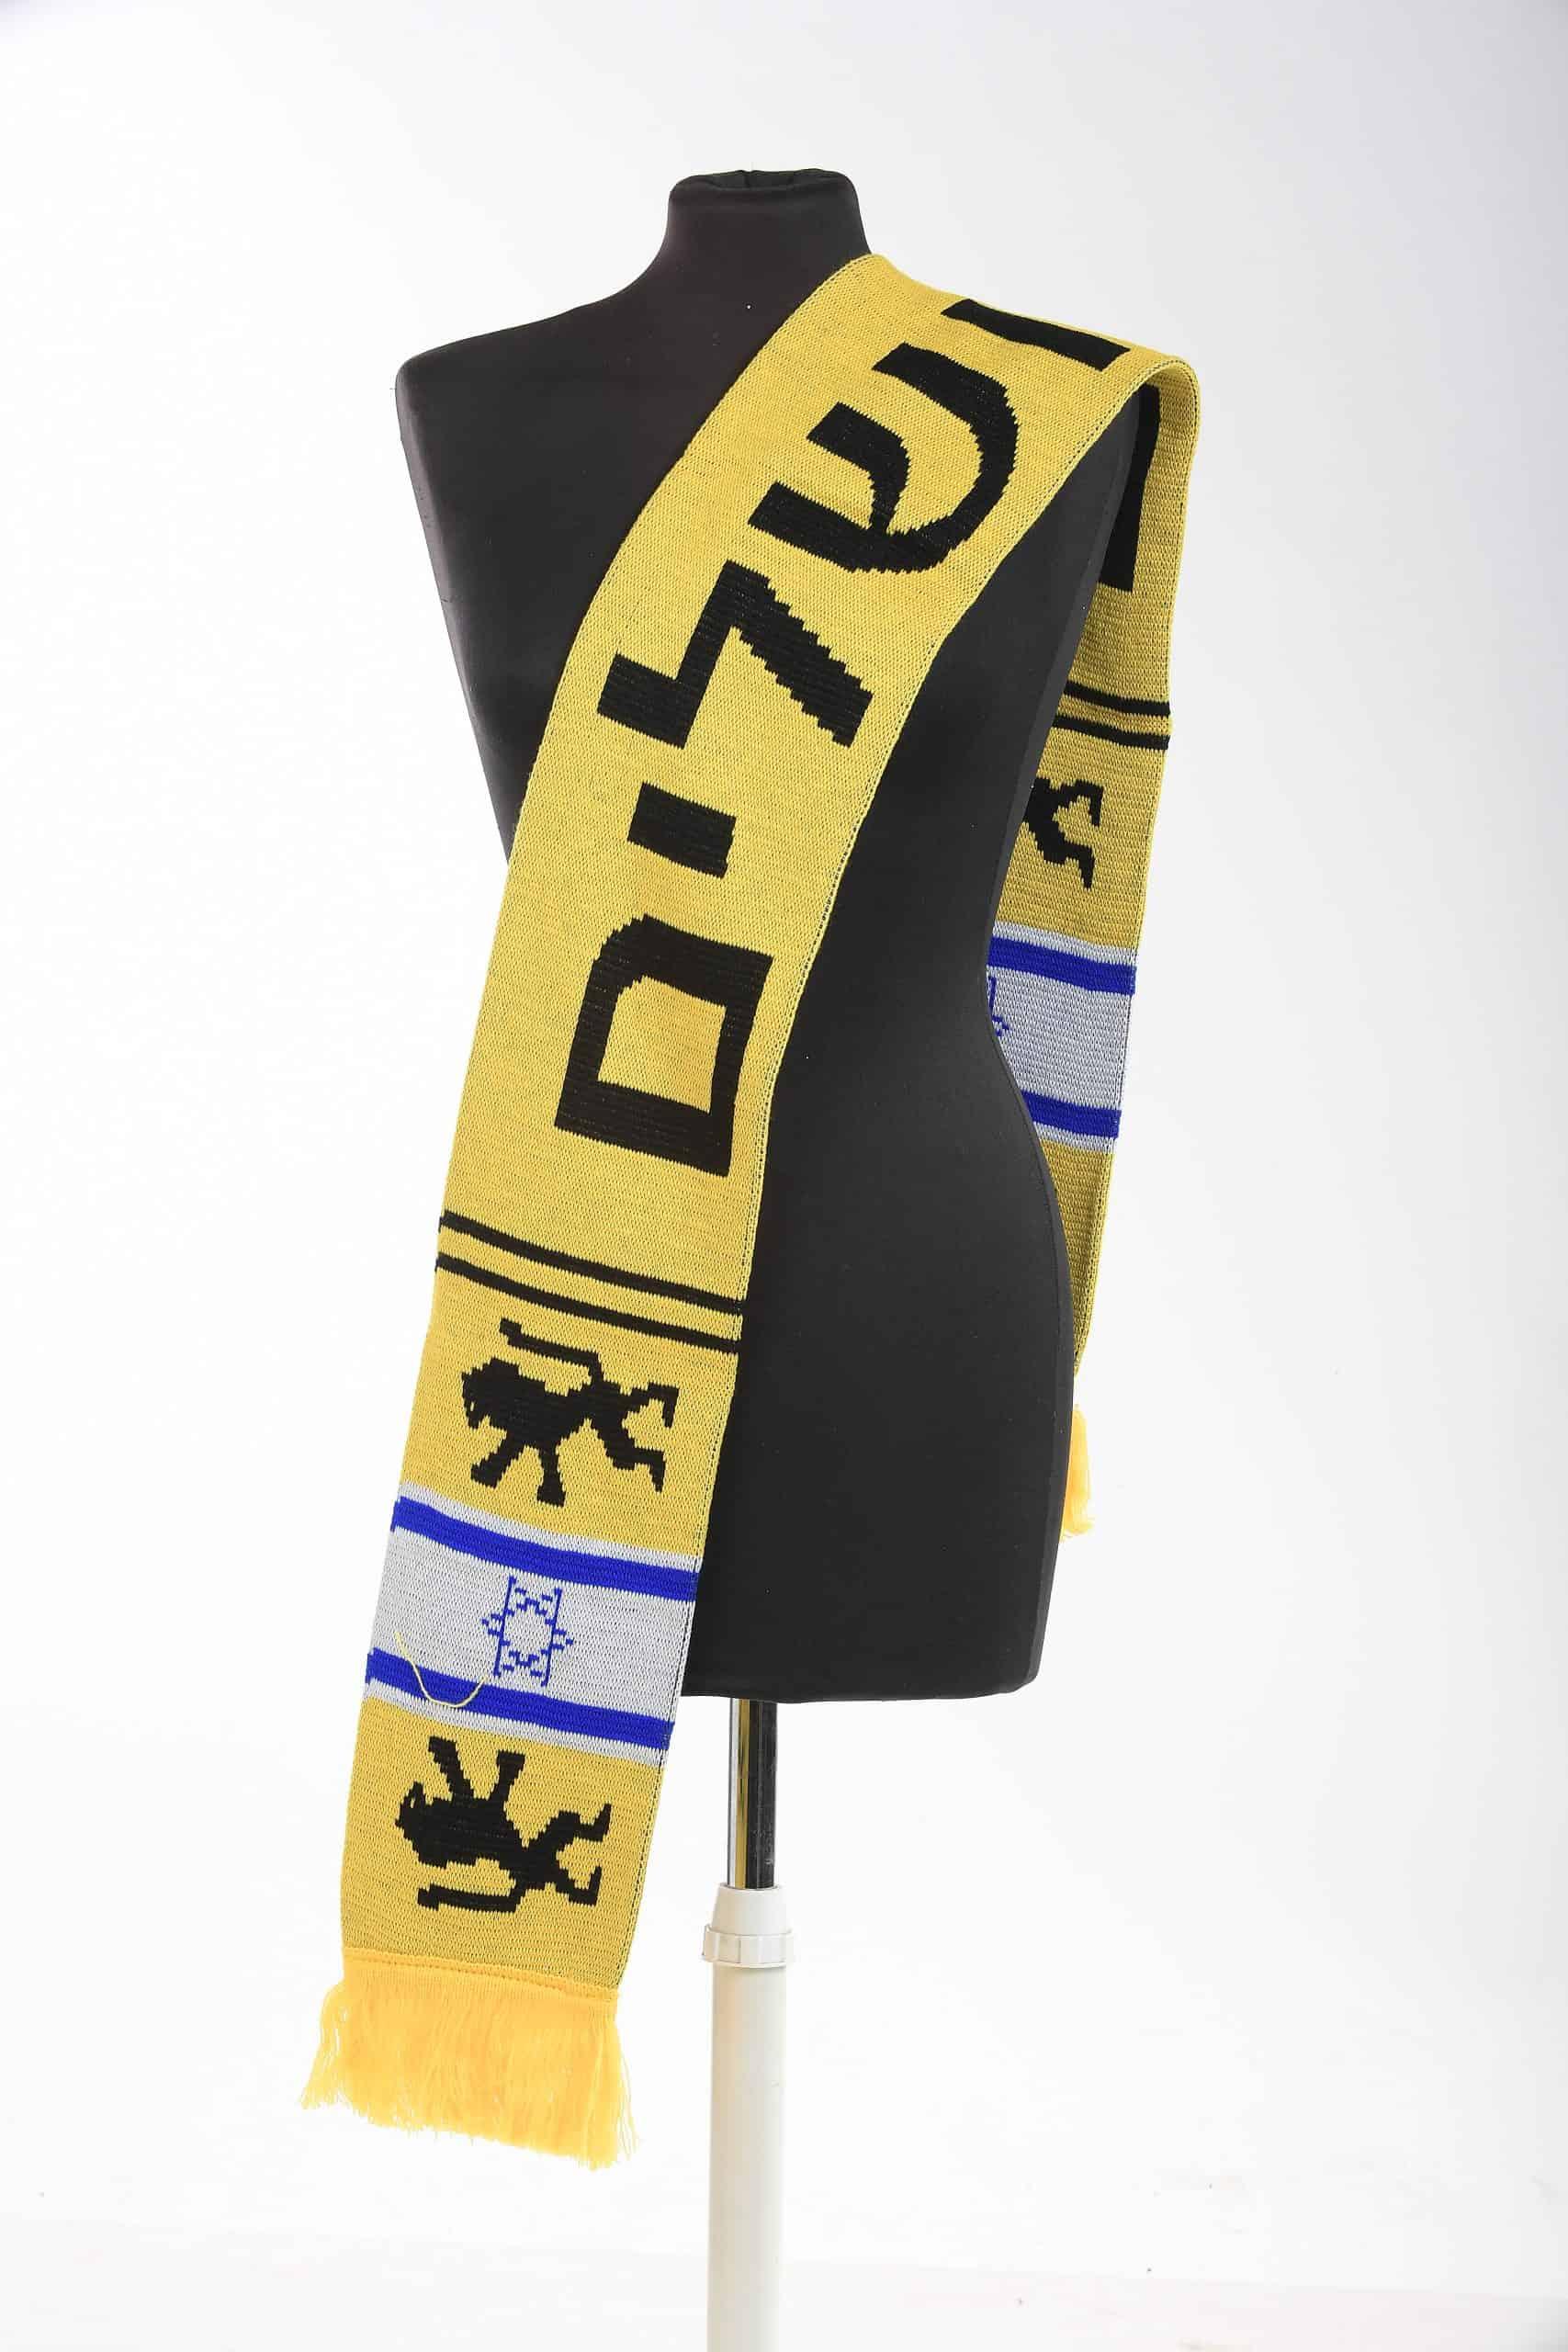 Equipo de fútbol Beitar Jerusalem - Amarillo y negro